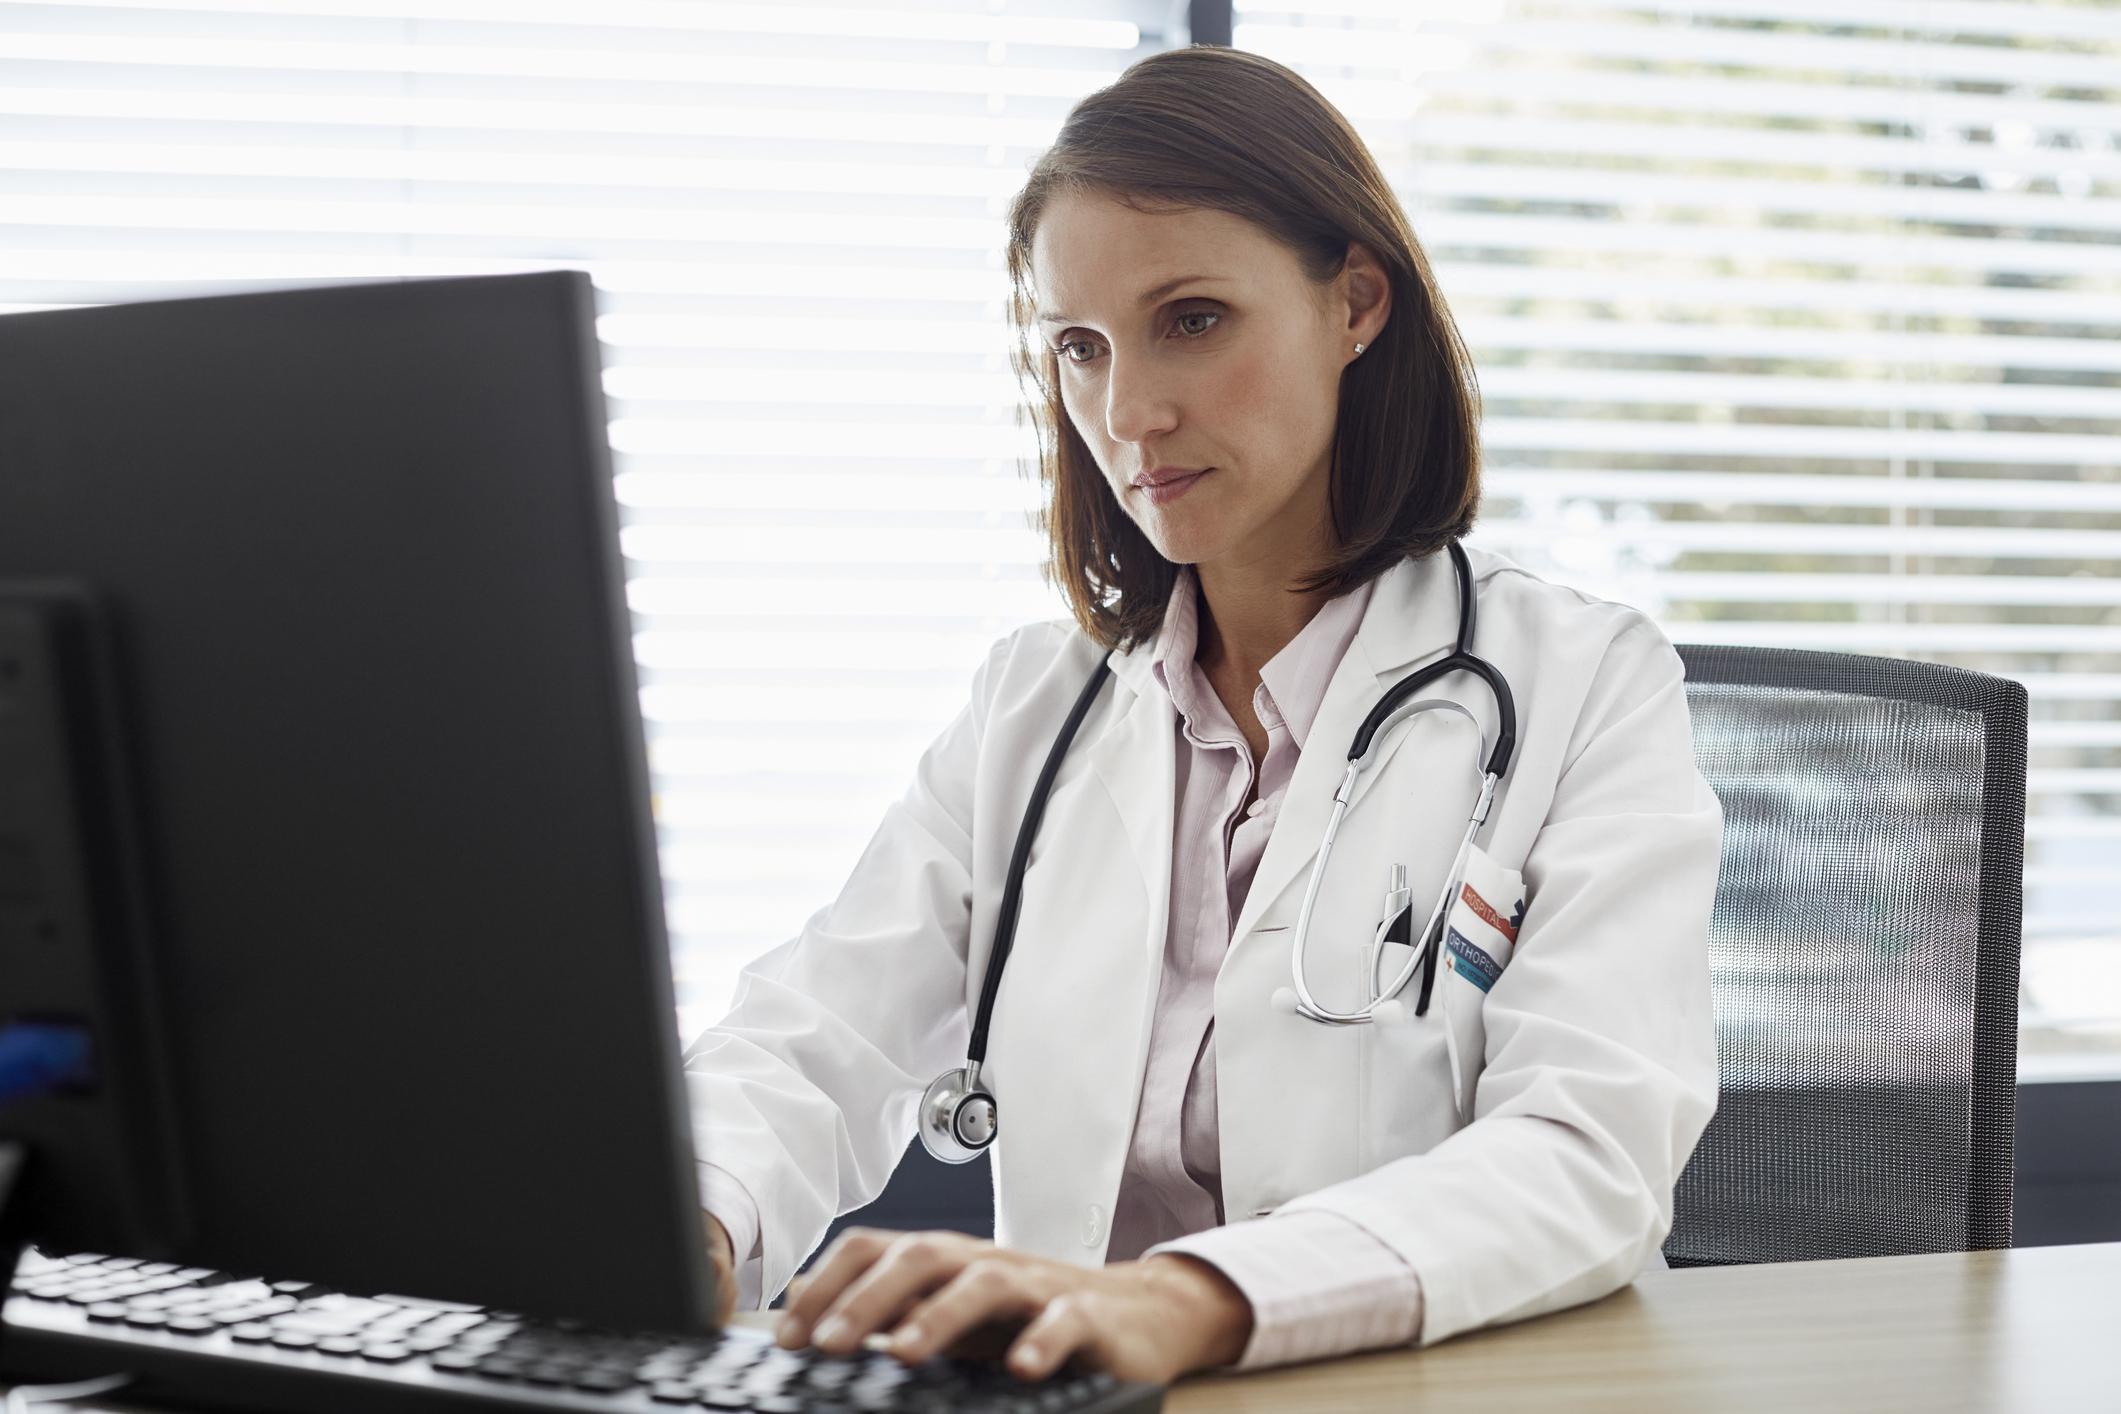 Gesnuffel in jouw patiëntendossier, hoe kun je daar achter komen?